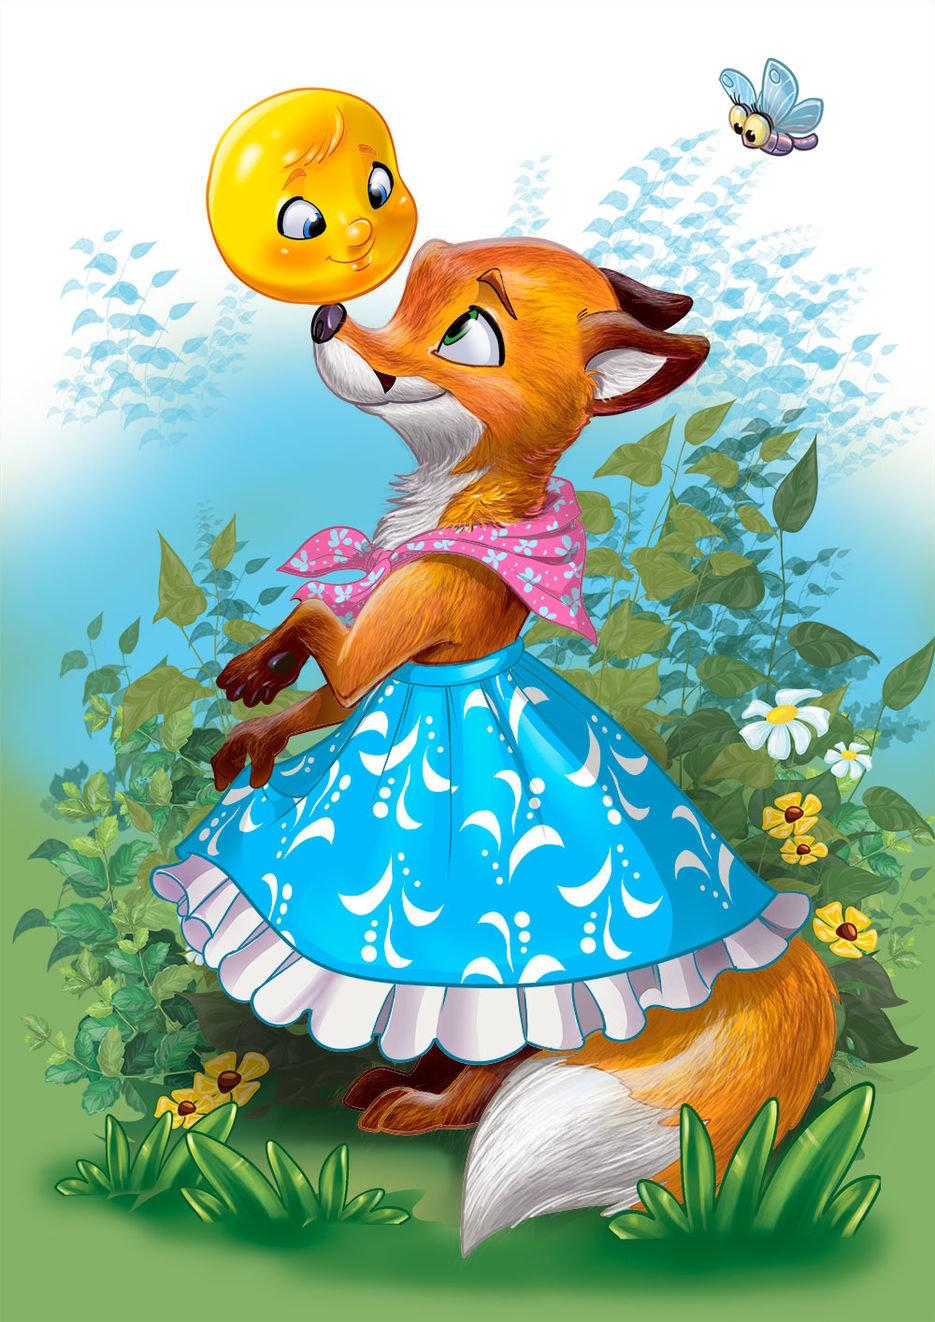 Картинка лисы из сказок